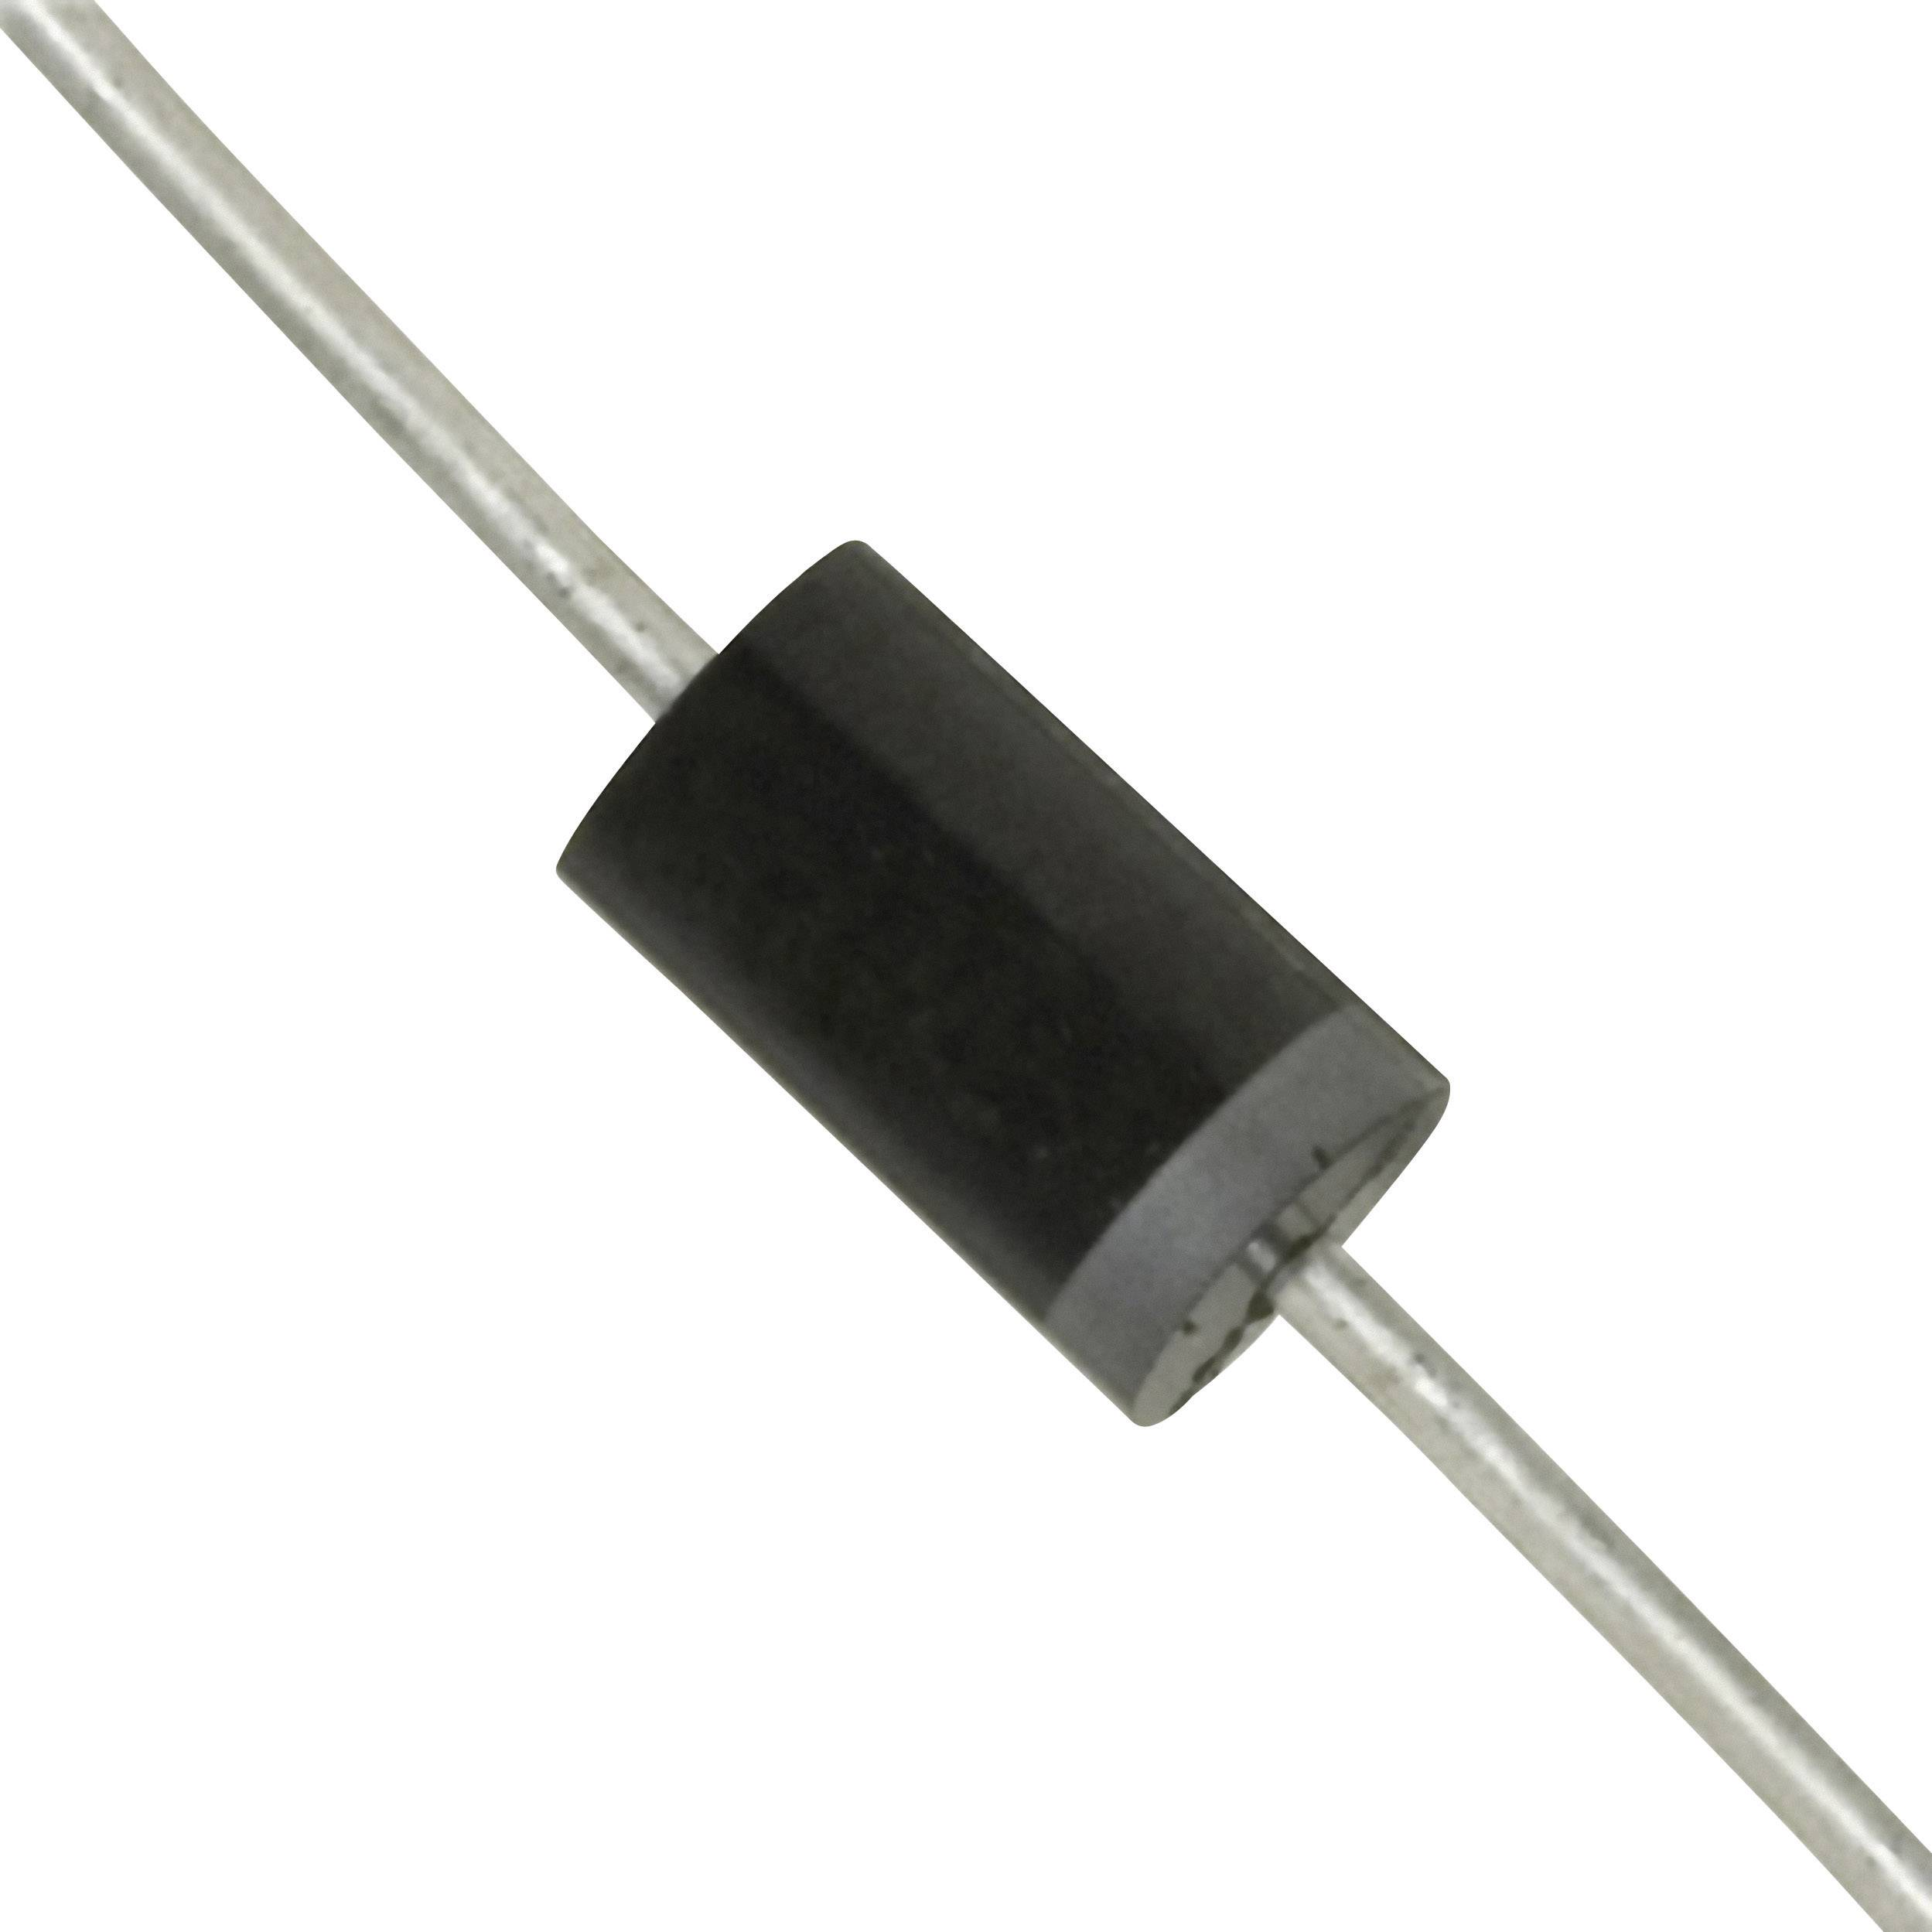 Zenerova dioda Diotec ZPD 3,6 V, 500 mW, DO 35 P